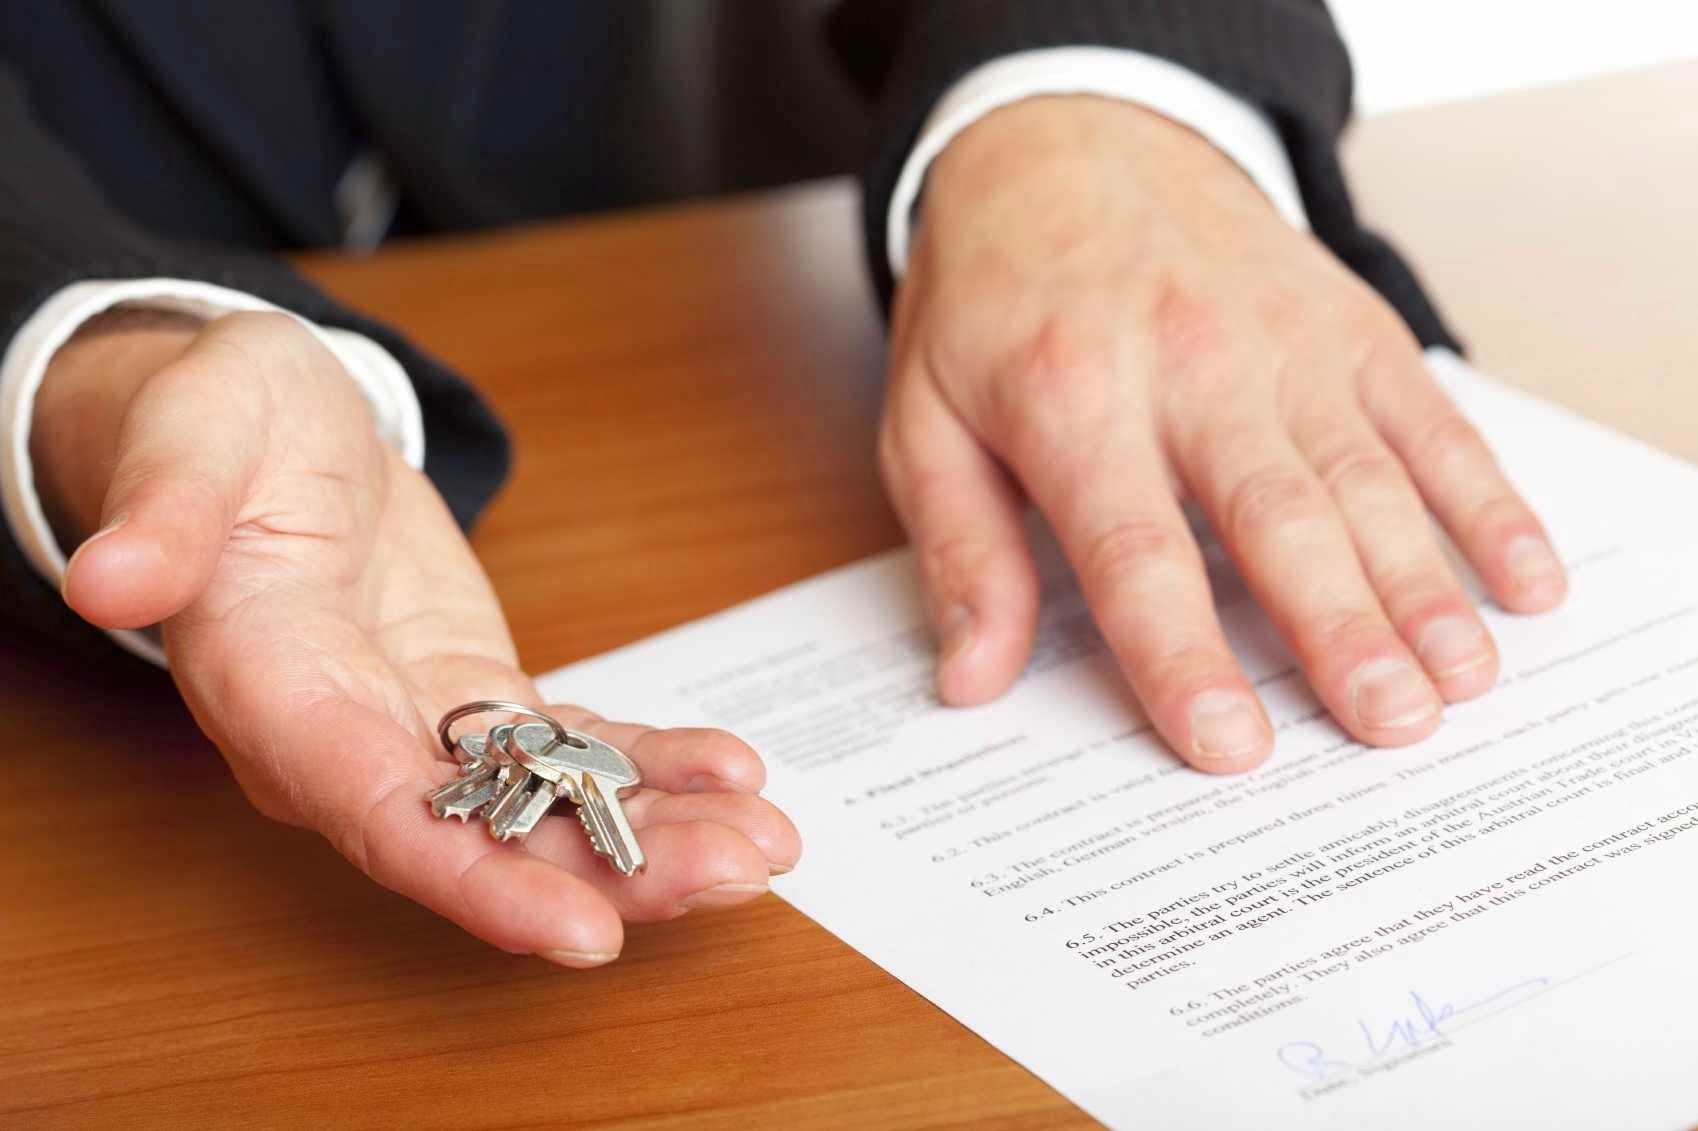 В Казахстане запущен новый продукт по ипотечному кредитованию вторичного жилья